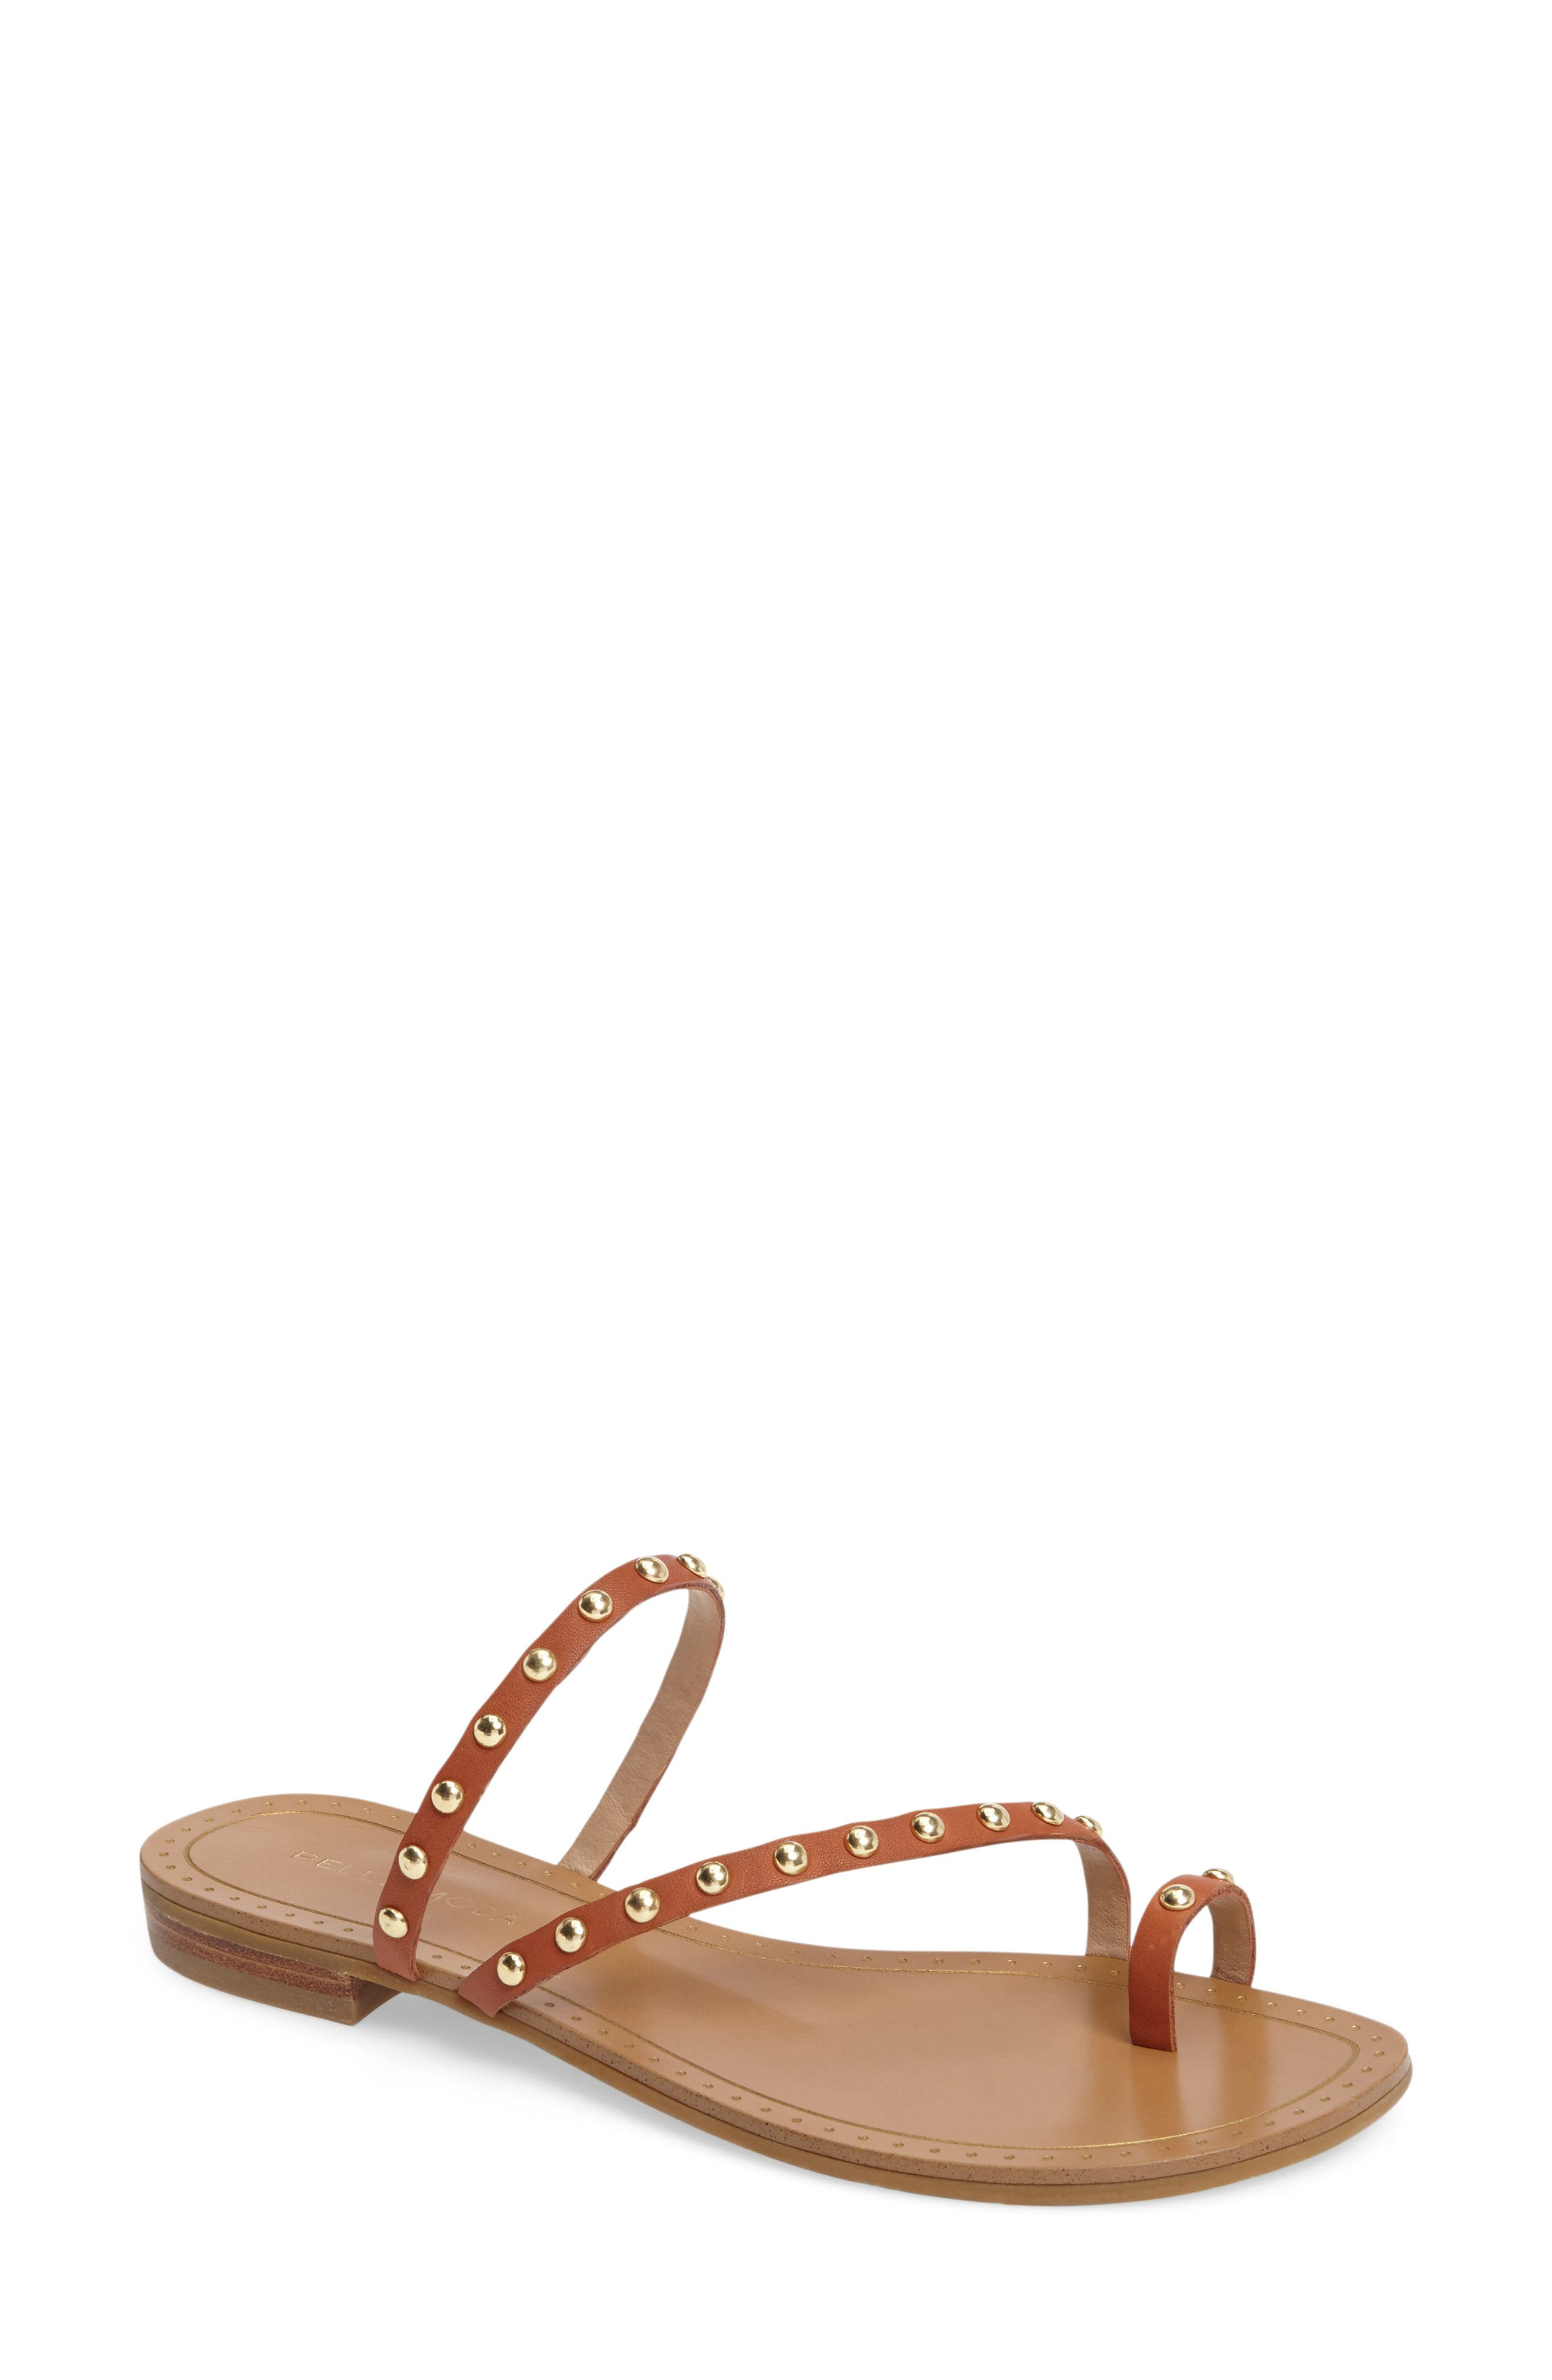 Alternate Image 1 Selected - Pelle Moda Bohem 2 Studded Sandal (Women)